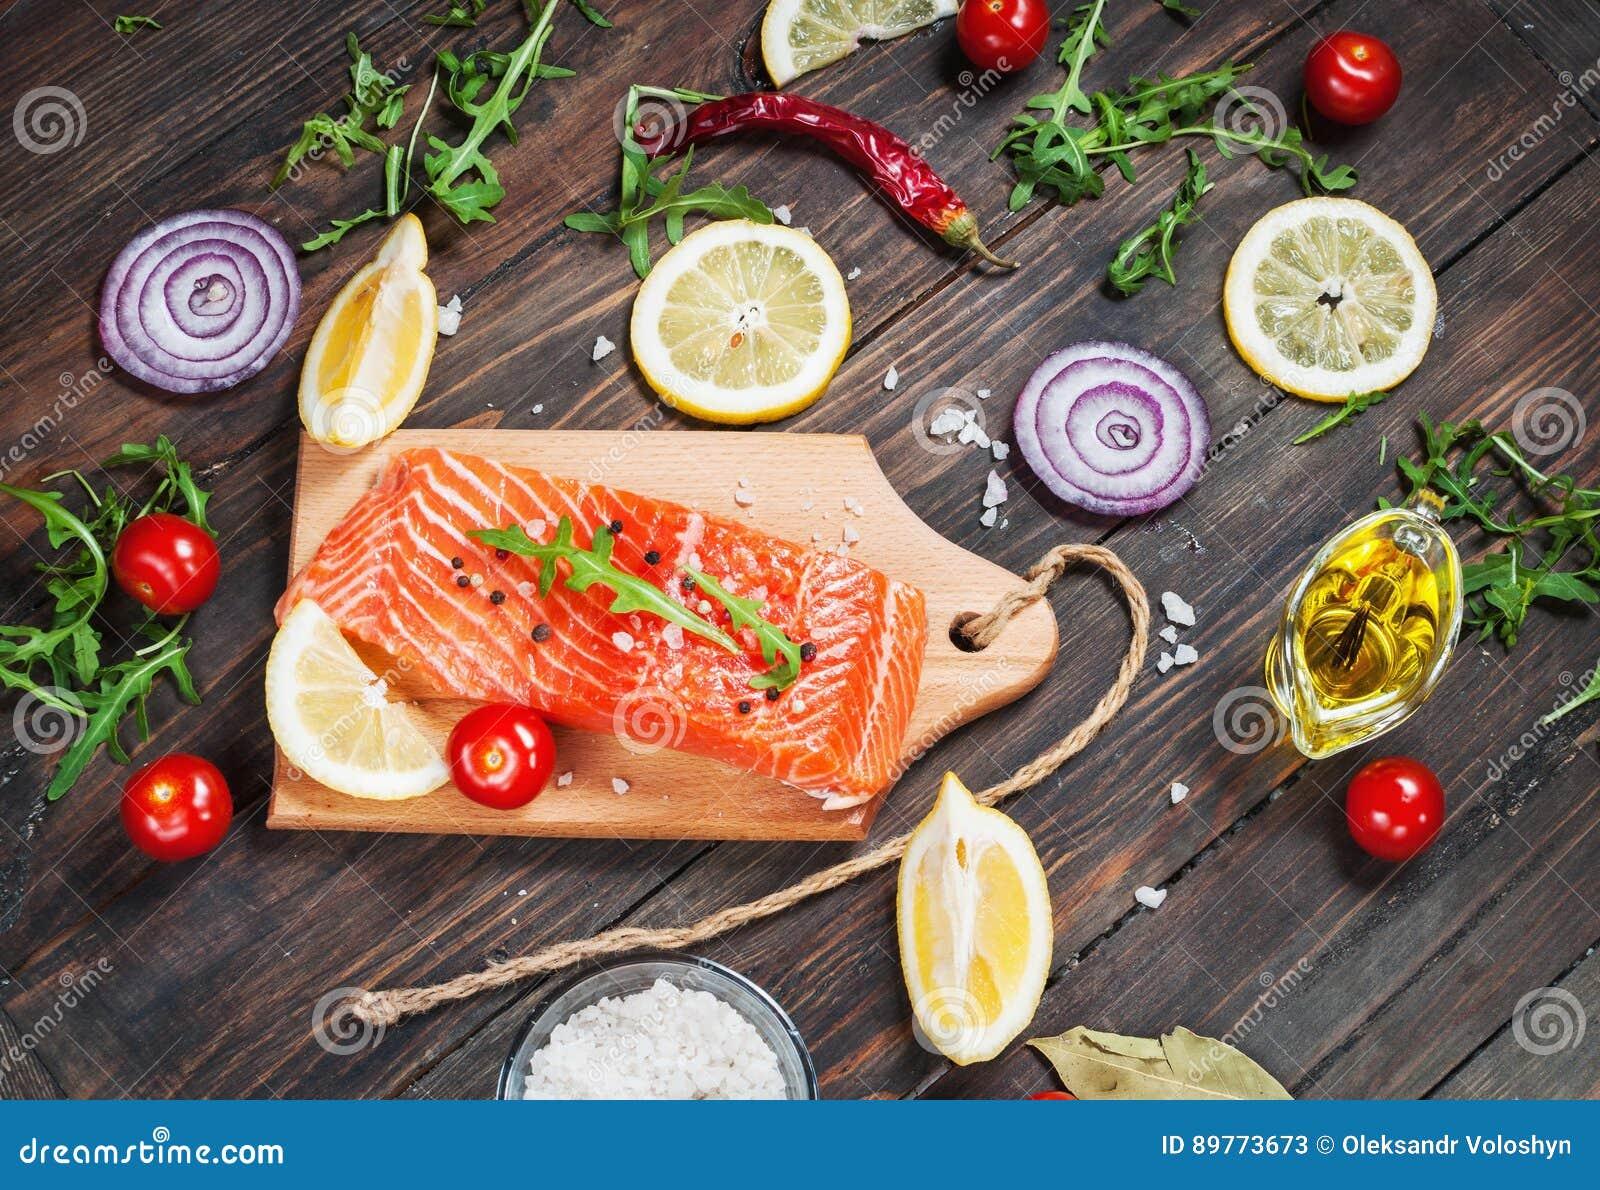 新鲜的三文鱼内圆角的可口部分用芳香草本、香料和菜-健康食物,饮食或烹调概念